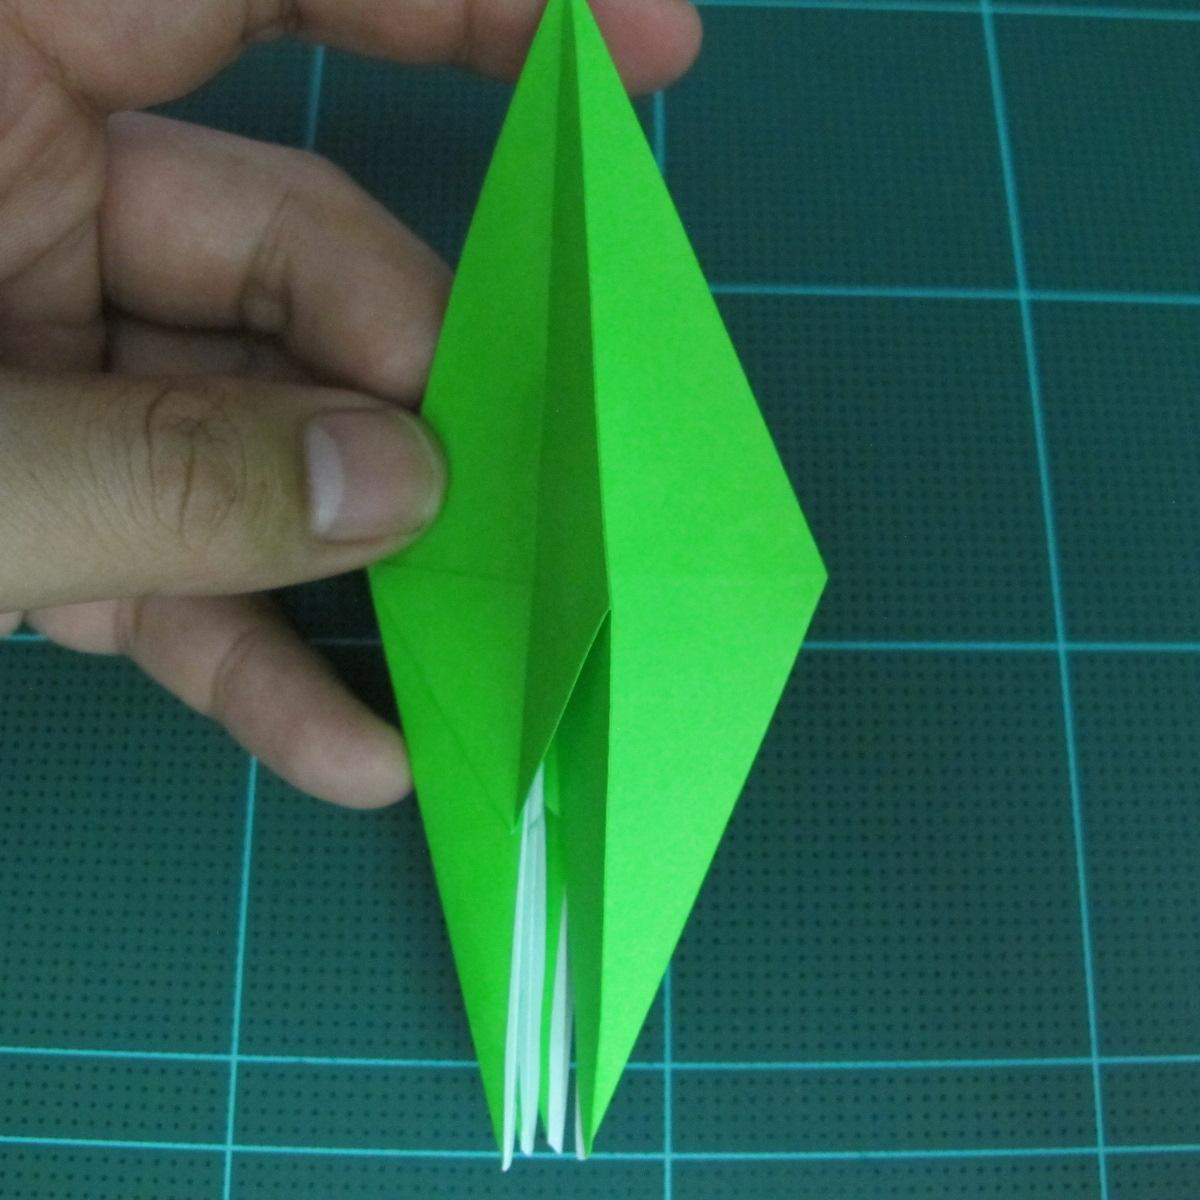 วิธีพับกระดาษเป็นจรวด X-WING สตาร์วอร์ (Origami X-WING) 021